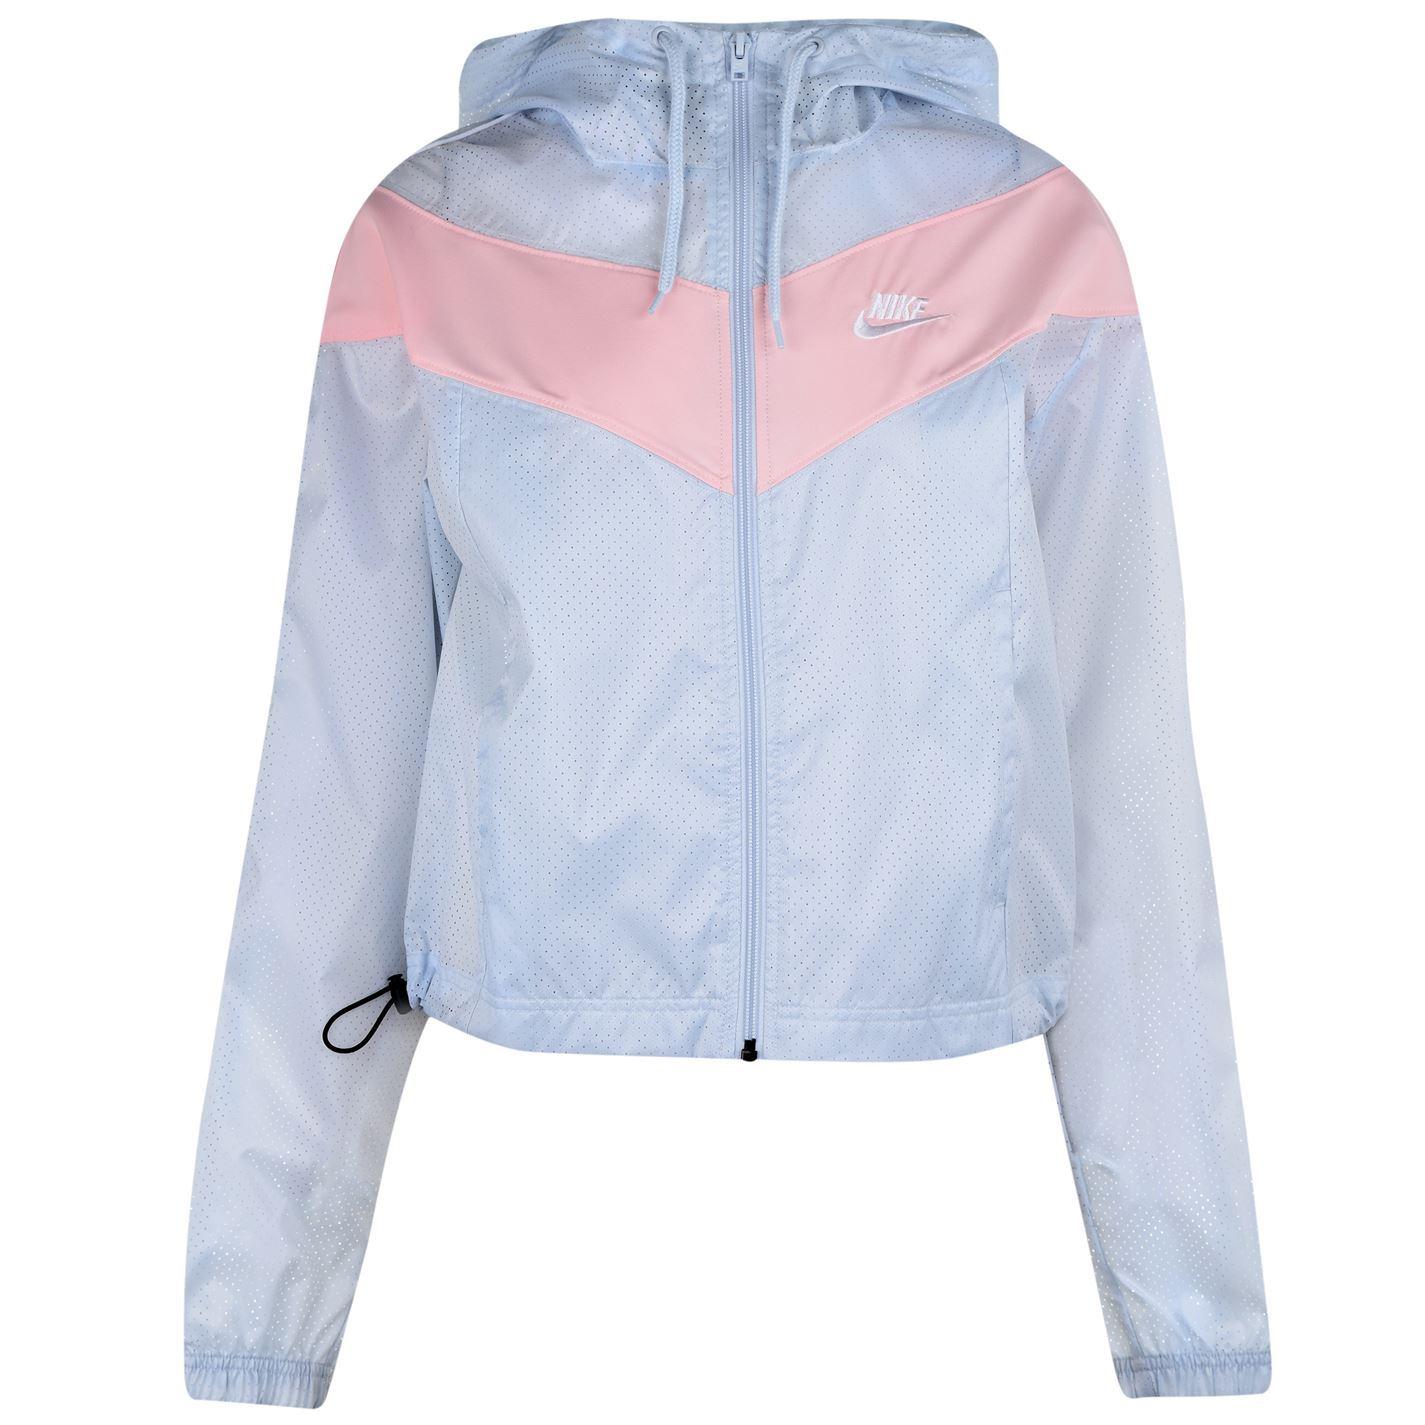 Détails sur Nike Vent Runner Veste Femmes Survêtement BlancRose à Capuche Haut Course